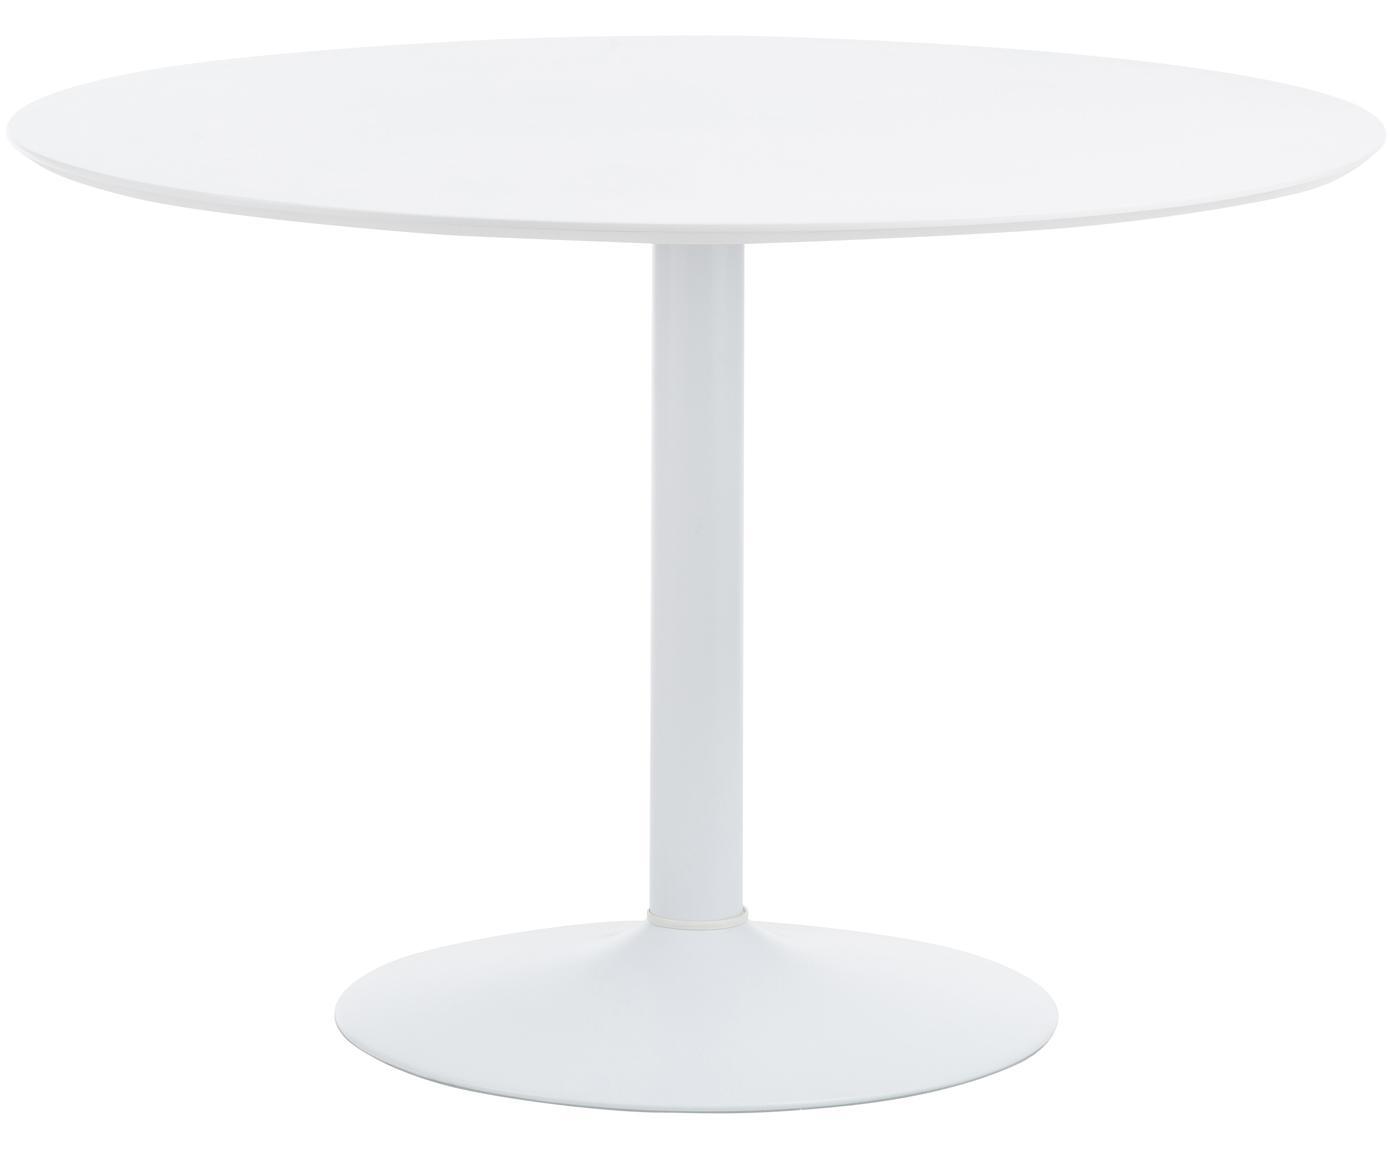 Runder Esstisch Mallorca, Tischplatte: Mitteldichte Holzfaserpla, Weiss, Ø 110 cm